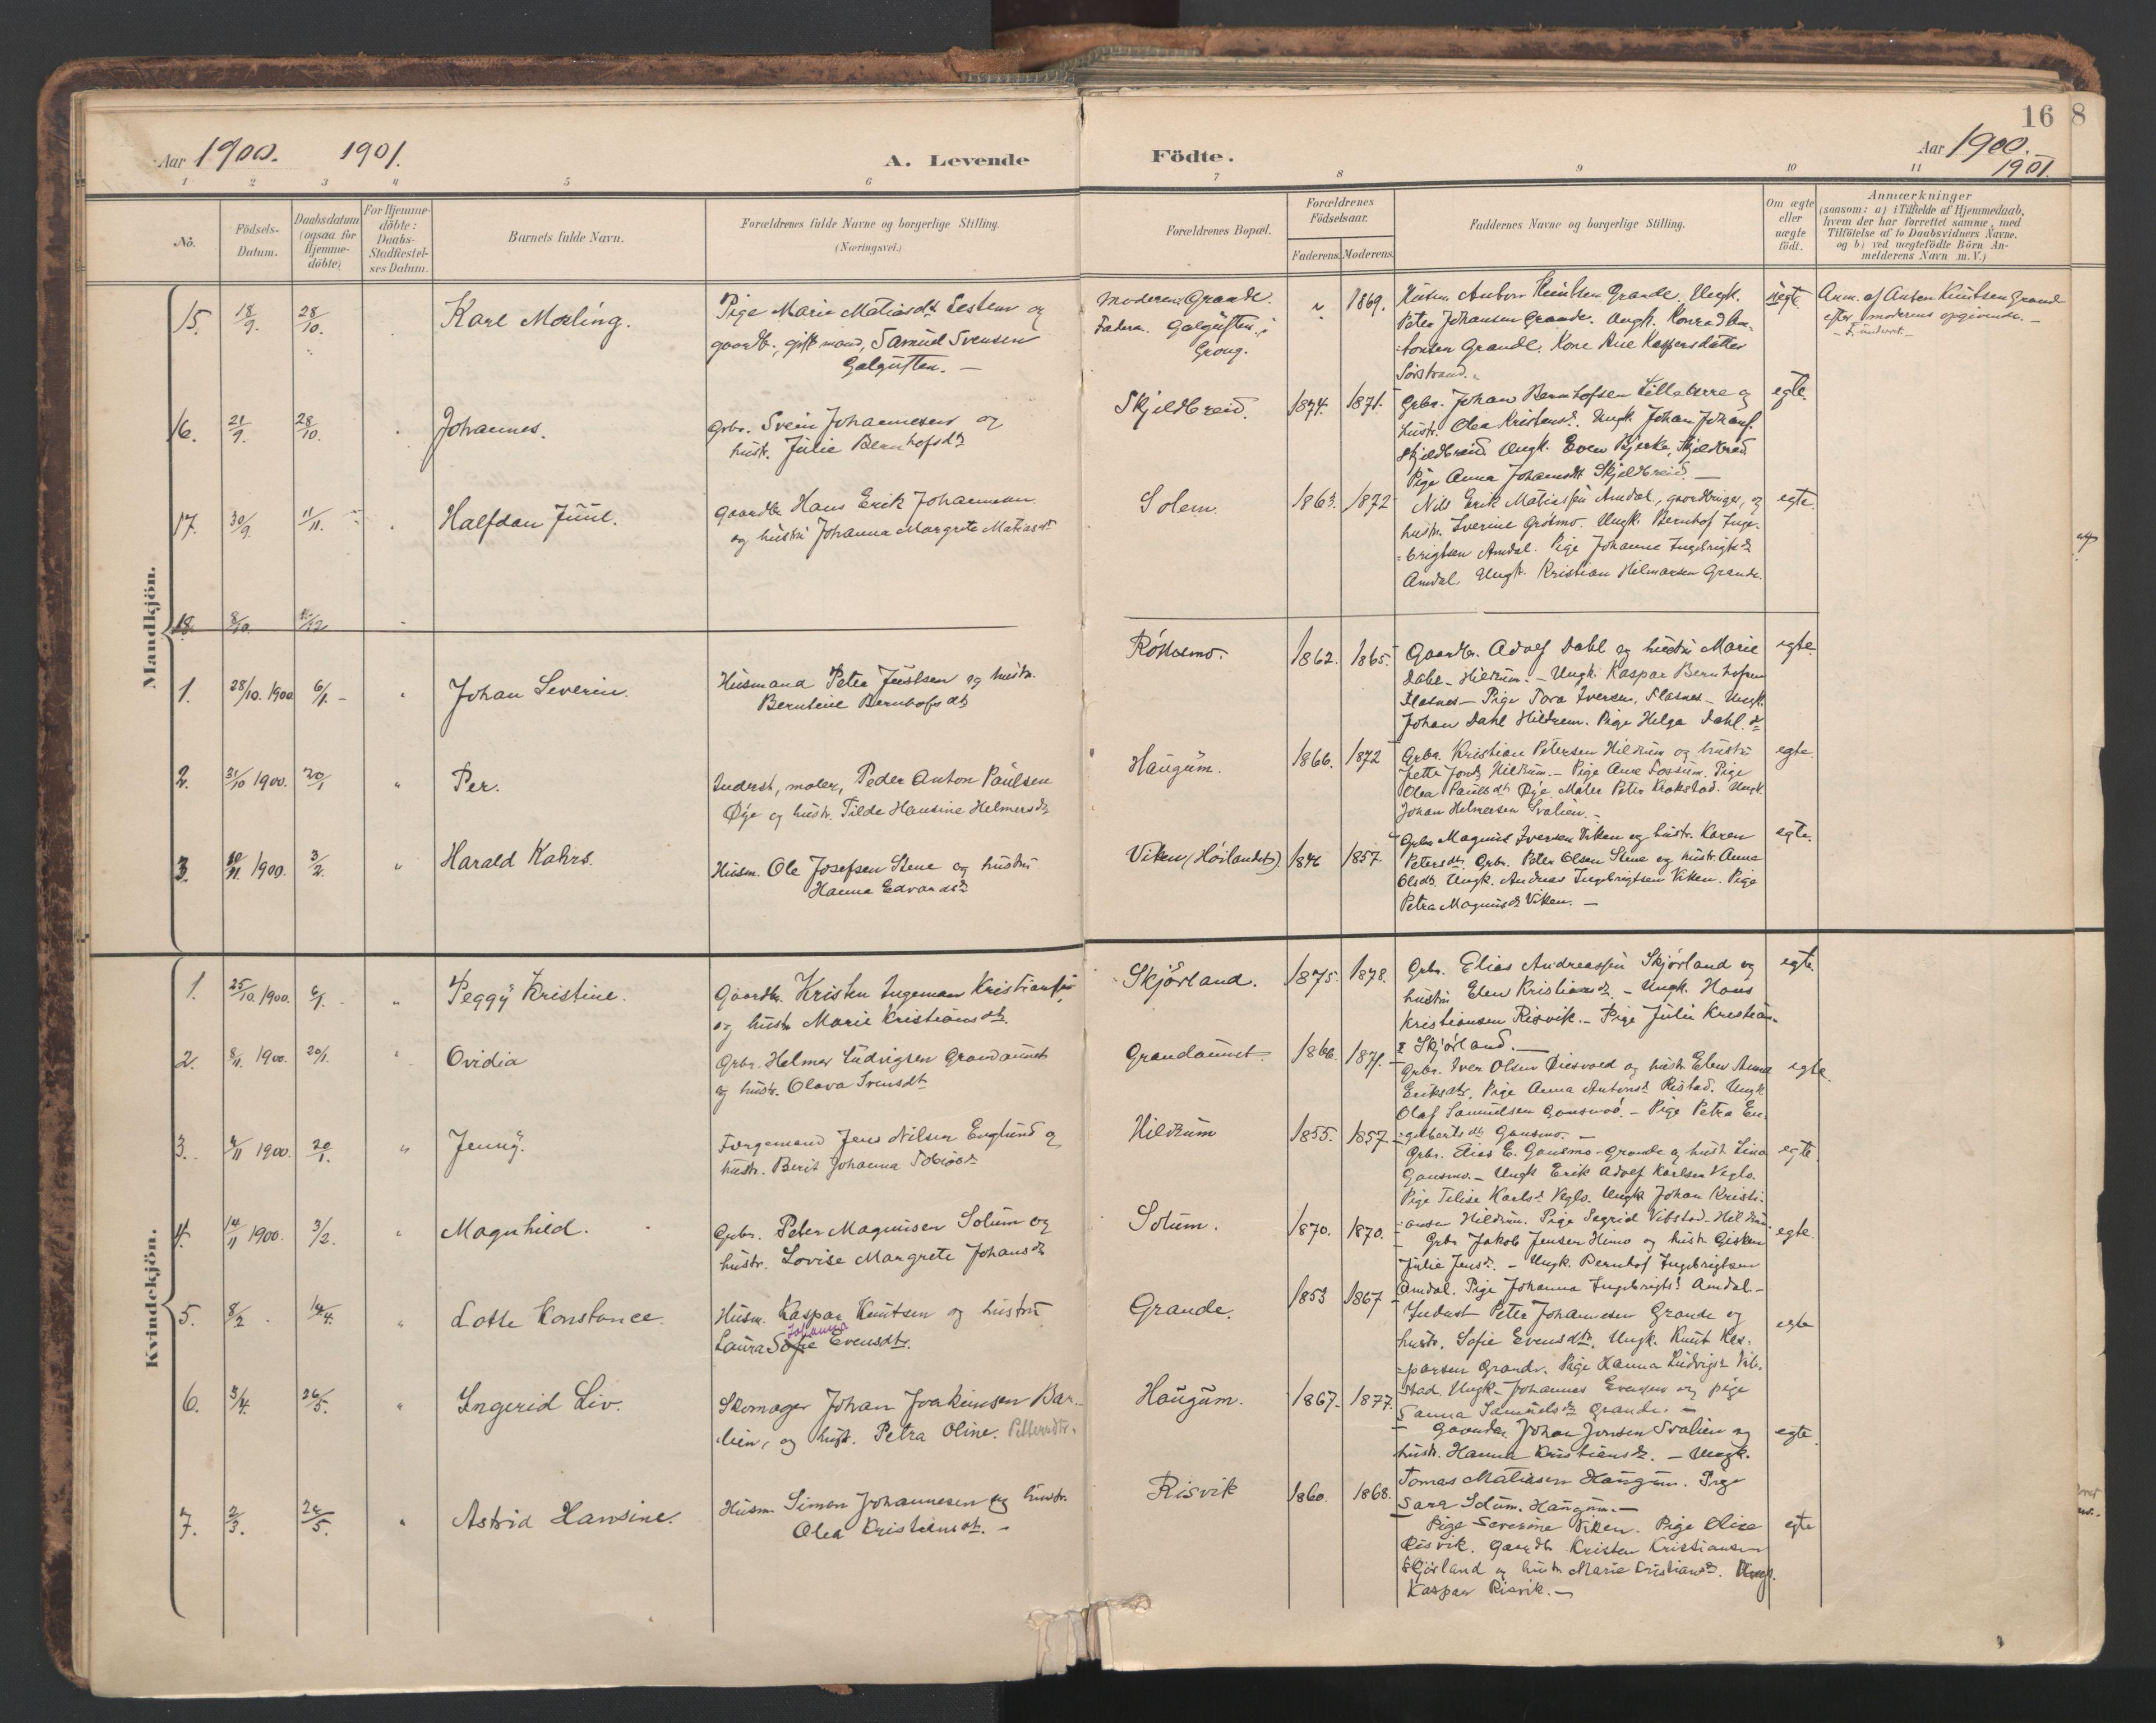 SAT, Ministerialprotokoller, klokkerbøker og fødselsregistre - Nord-Trøndelag, 764/L0556: Ministerialbok nr. 764A11, 1897-1924, s. 16